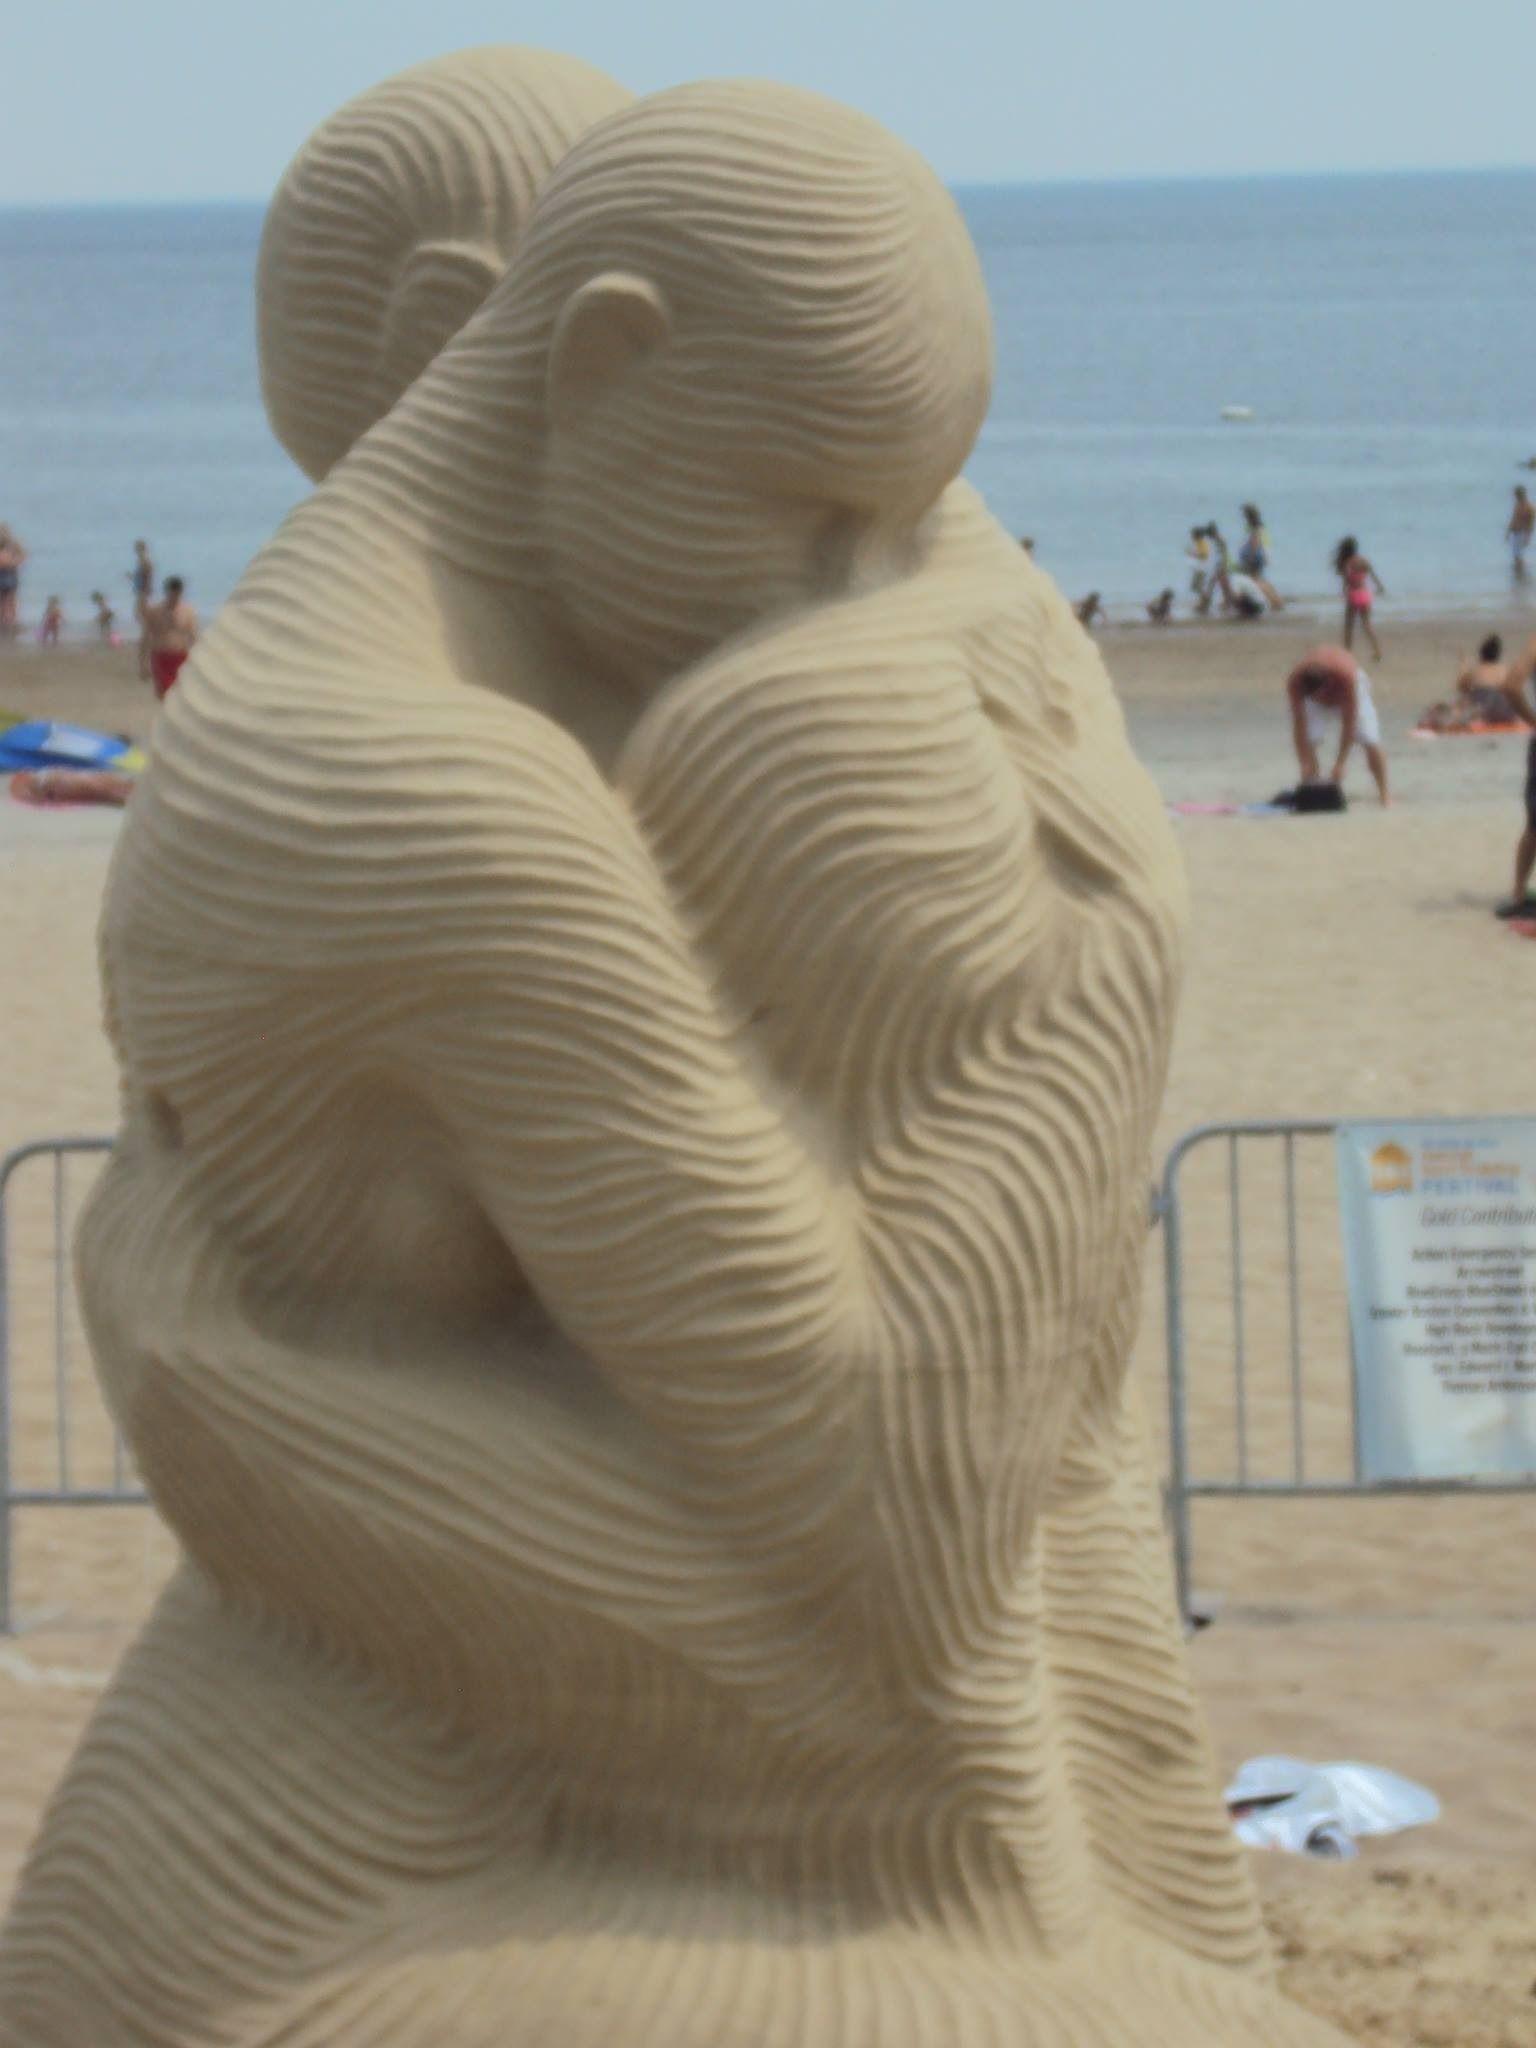 2013 revere beach sandcastles aviss likes pinterest sand 2013 revere beach sandcastles nvjuhfo Choice Image